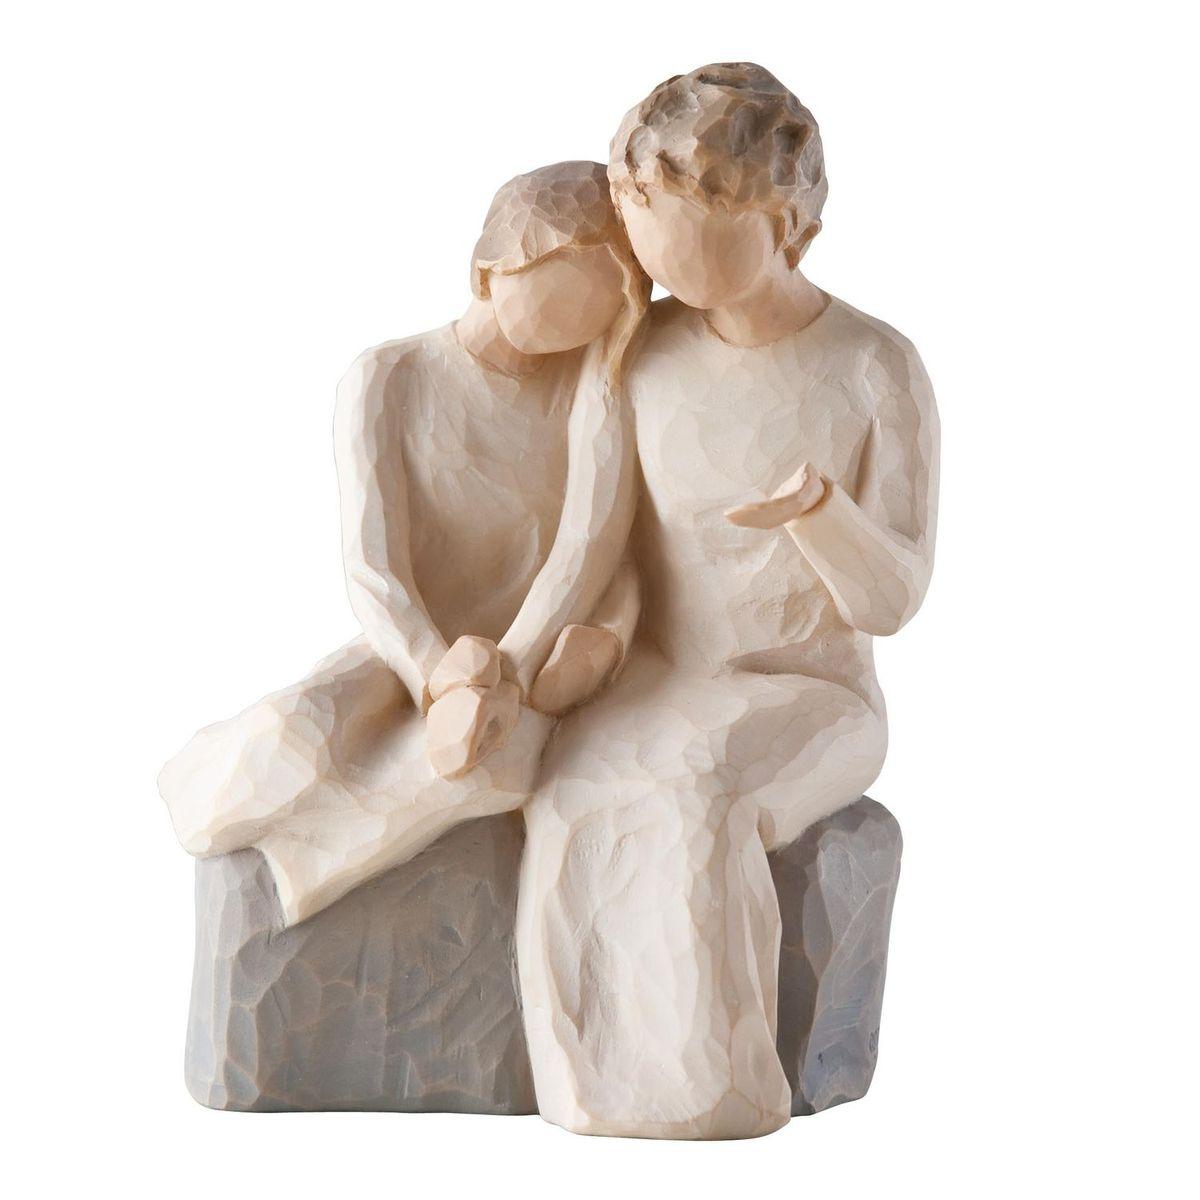 Фигурка Willow Tree С моей бабушкой, 14,5 см26244Эти прекрасные статуэтки созданы канадским скульптором Сьюзан Лорди. Каждая фигурка – это настоящее произведение искусства, образная скульптура в миниатюре, изображающая эмоции и чувства, которые помогают нам чувствовать себя ближе к другим, верить в мечту, выражать любовь. Каждая фигурка помещена в красивую упаковку. Купить такой оригинальный подарок, значит не только украсить интерьер помещения или жилой комнаты, но выразить свое глубокое отношение к любимому человеку. Этот прекрасный сувенир будет лучшим подарком на день ангела, именины, день рождения, юбилей. Материал: Искусственный камень (49% карбонат кальция мелкозернистой разновидности, 51% искусственный камень)